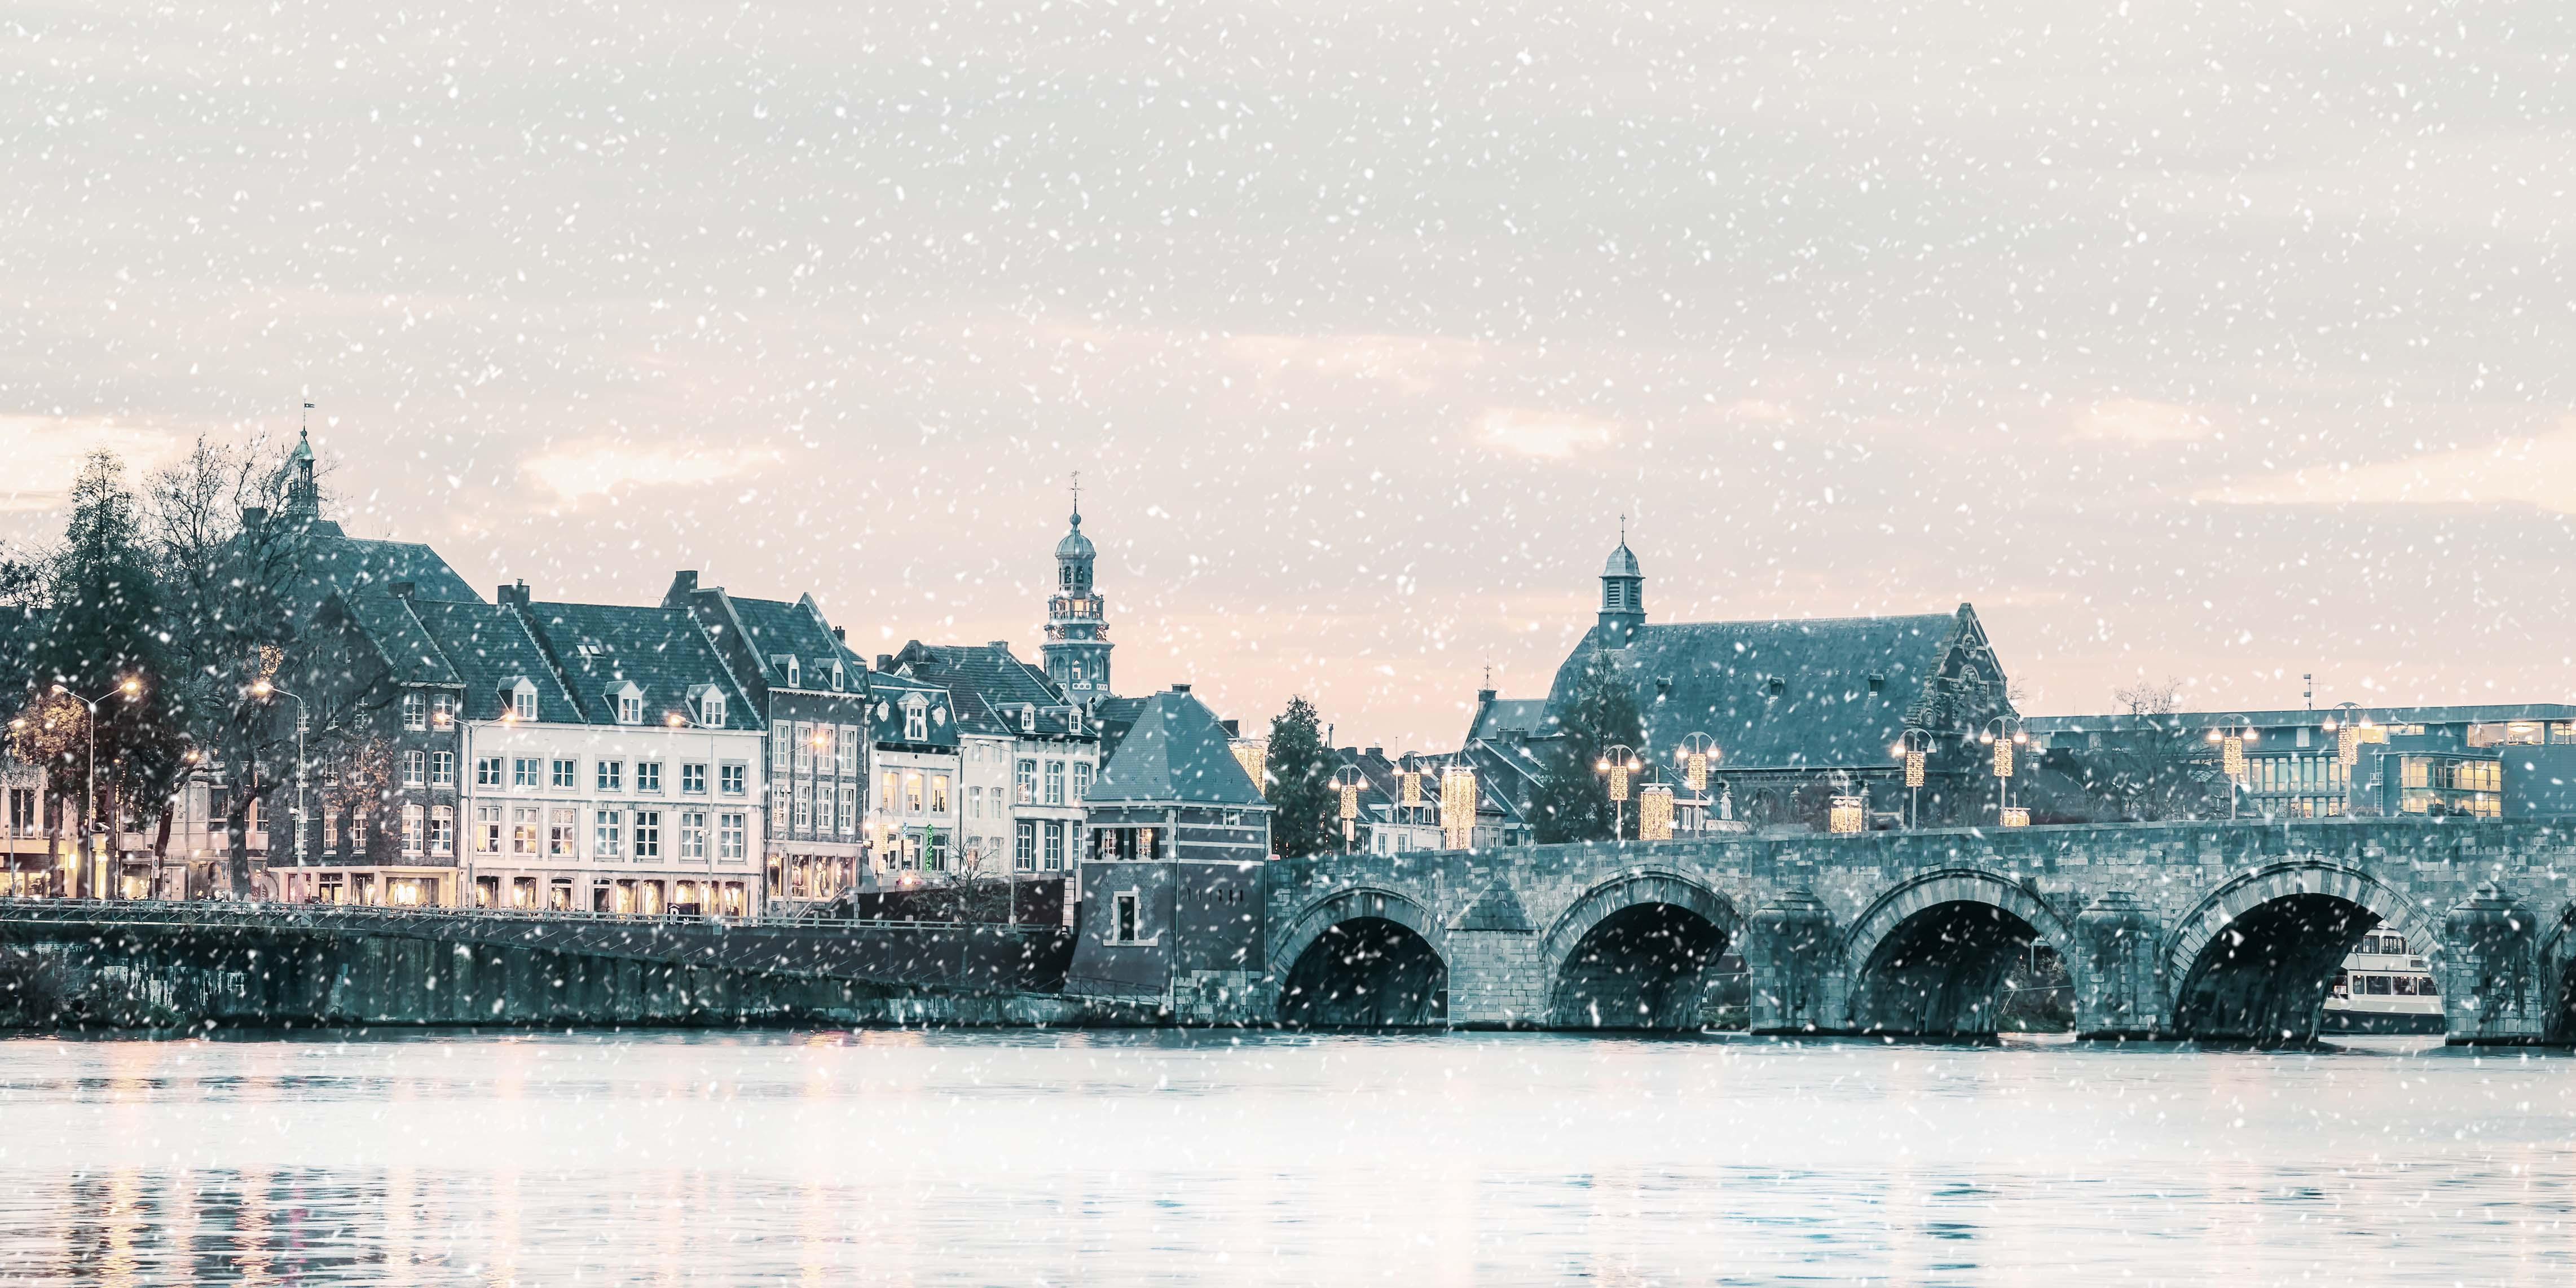 Ontdek Maastricht Stad Van De Goede Smaak Bezoek Maastricht